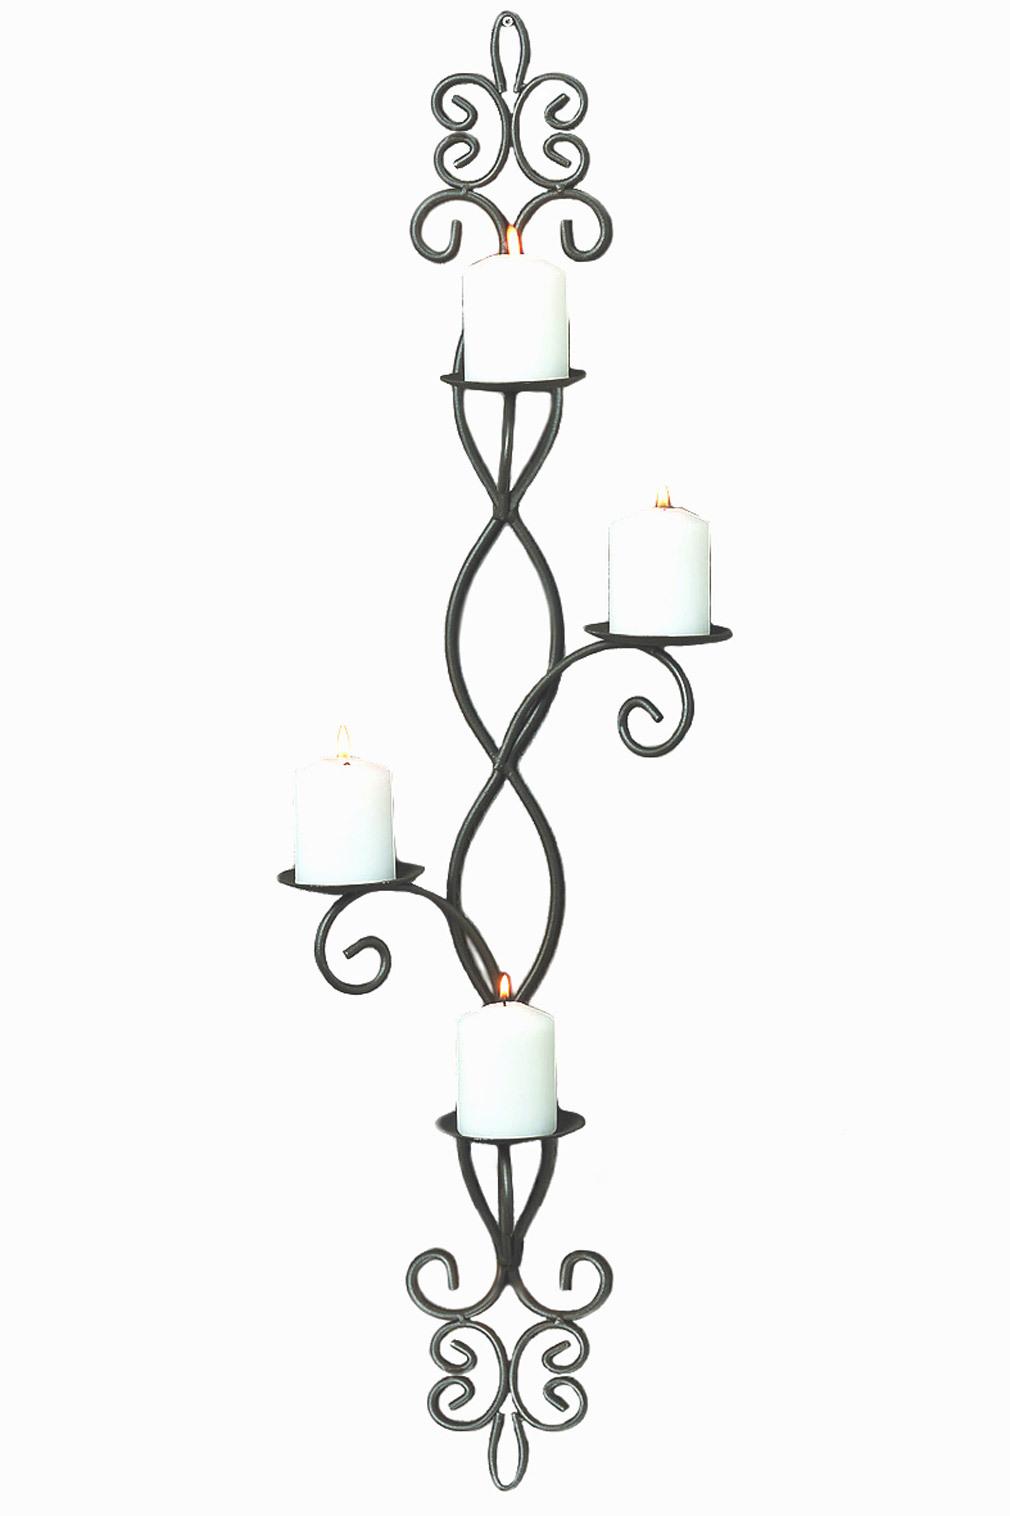 Wand-Kerzenleuchter für 4 Kerzen anthrazitfarben aus Metall Wanddeko